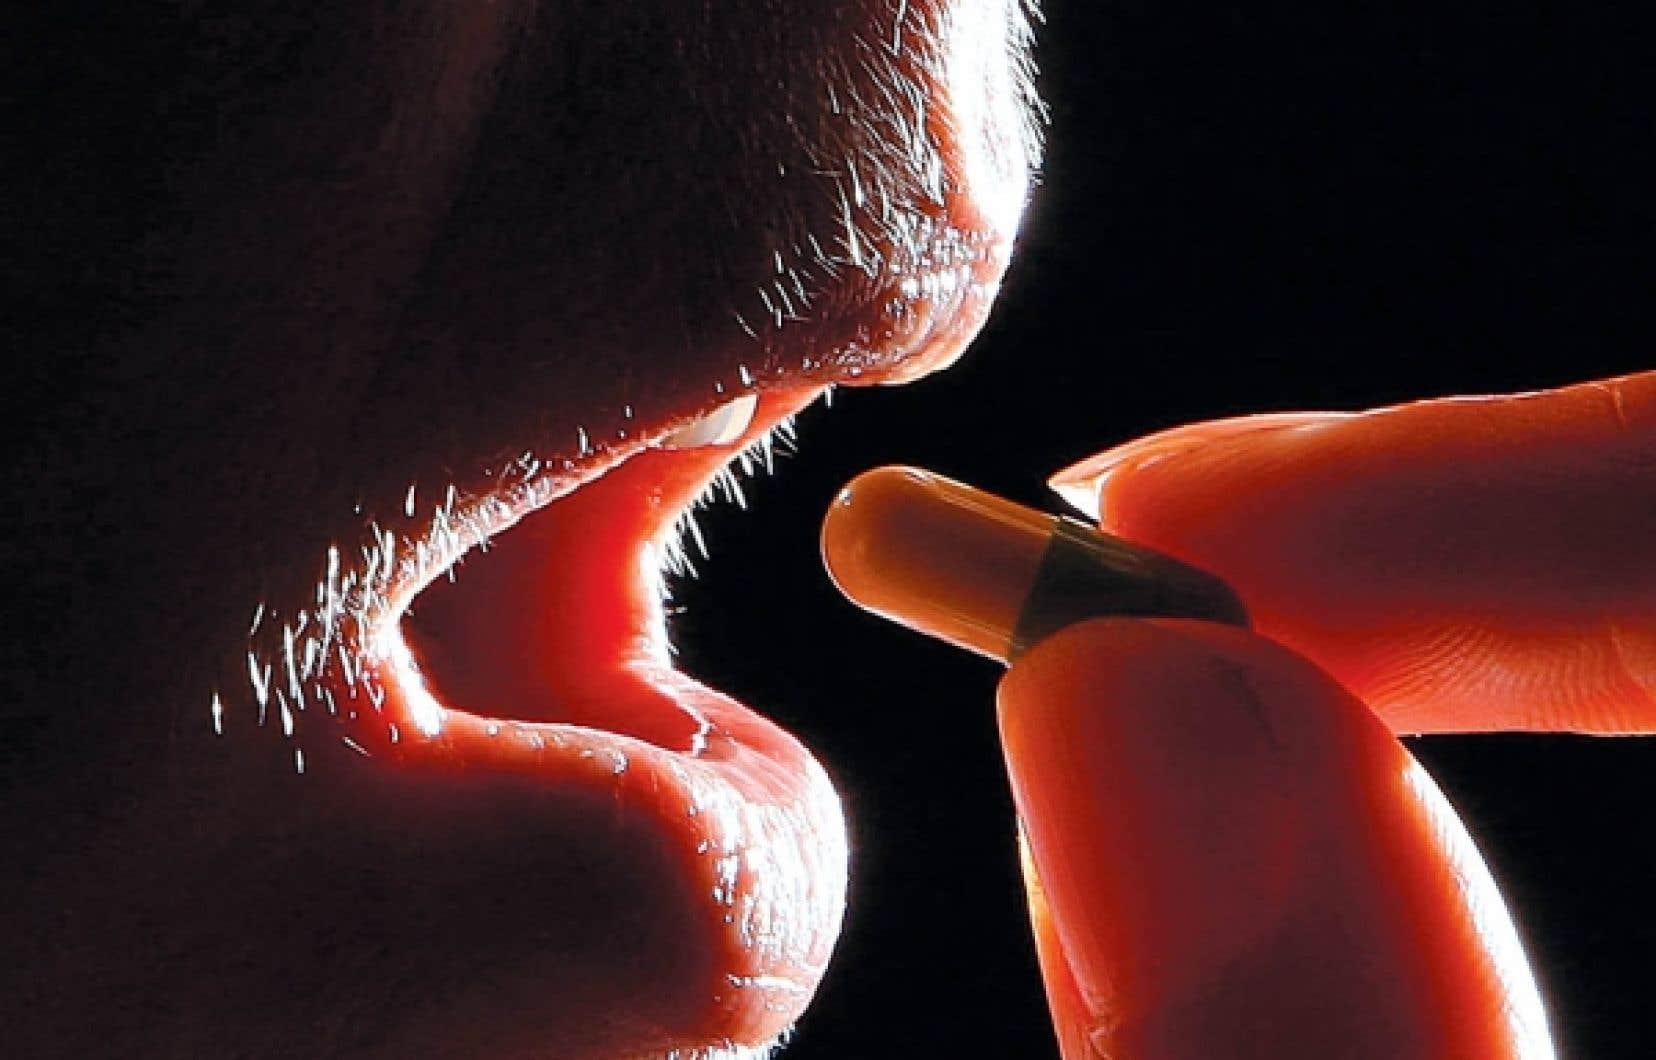 «Nous ne sommes pas encore parvenus à une entente sur les brevets en médecine», avoue candidement l'eurodéputé socialiste Vital Moreira, président de la Commission parlementaire du commerce international. Et pour cause: le Canada pourrait bien être perdant à ce chapitre.